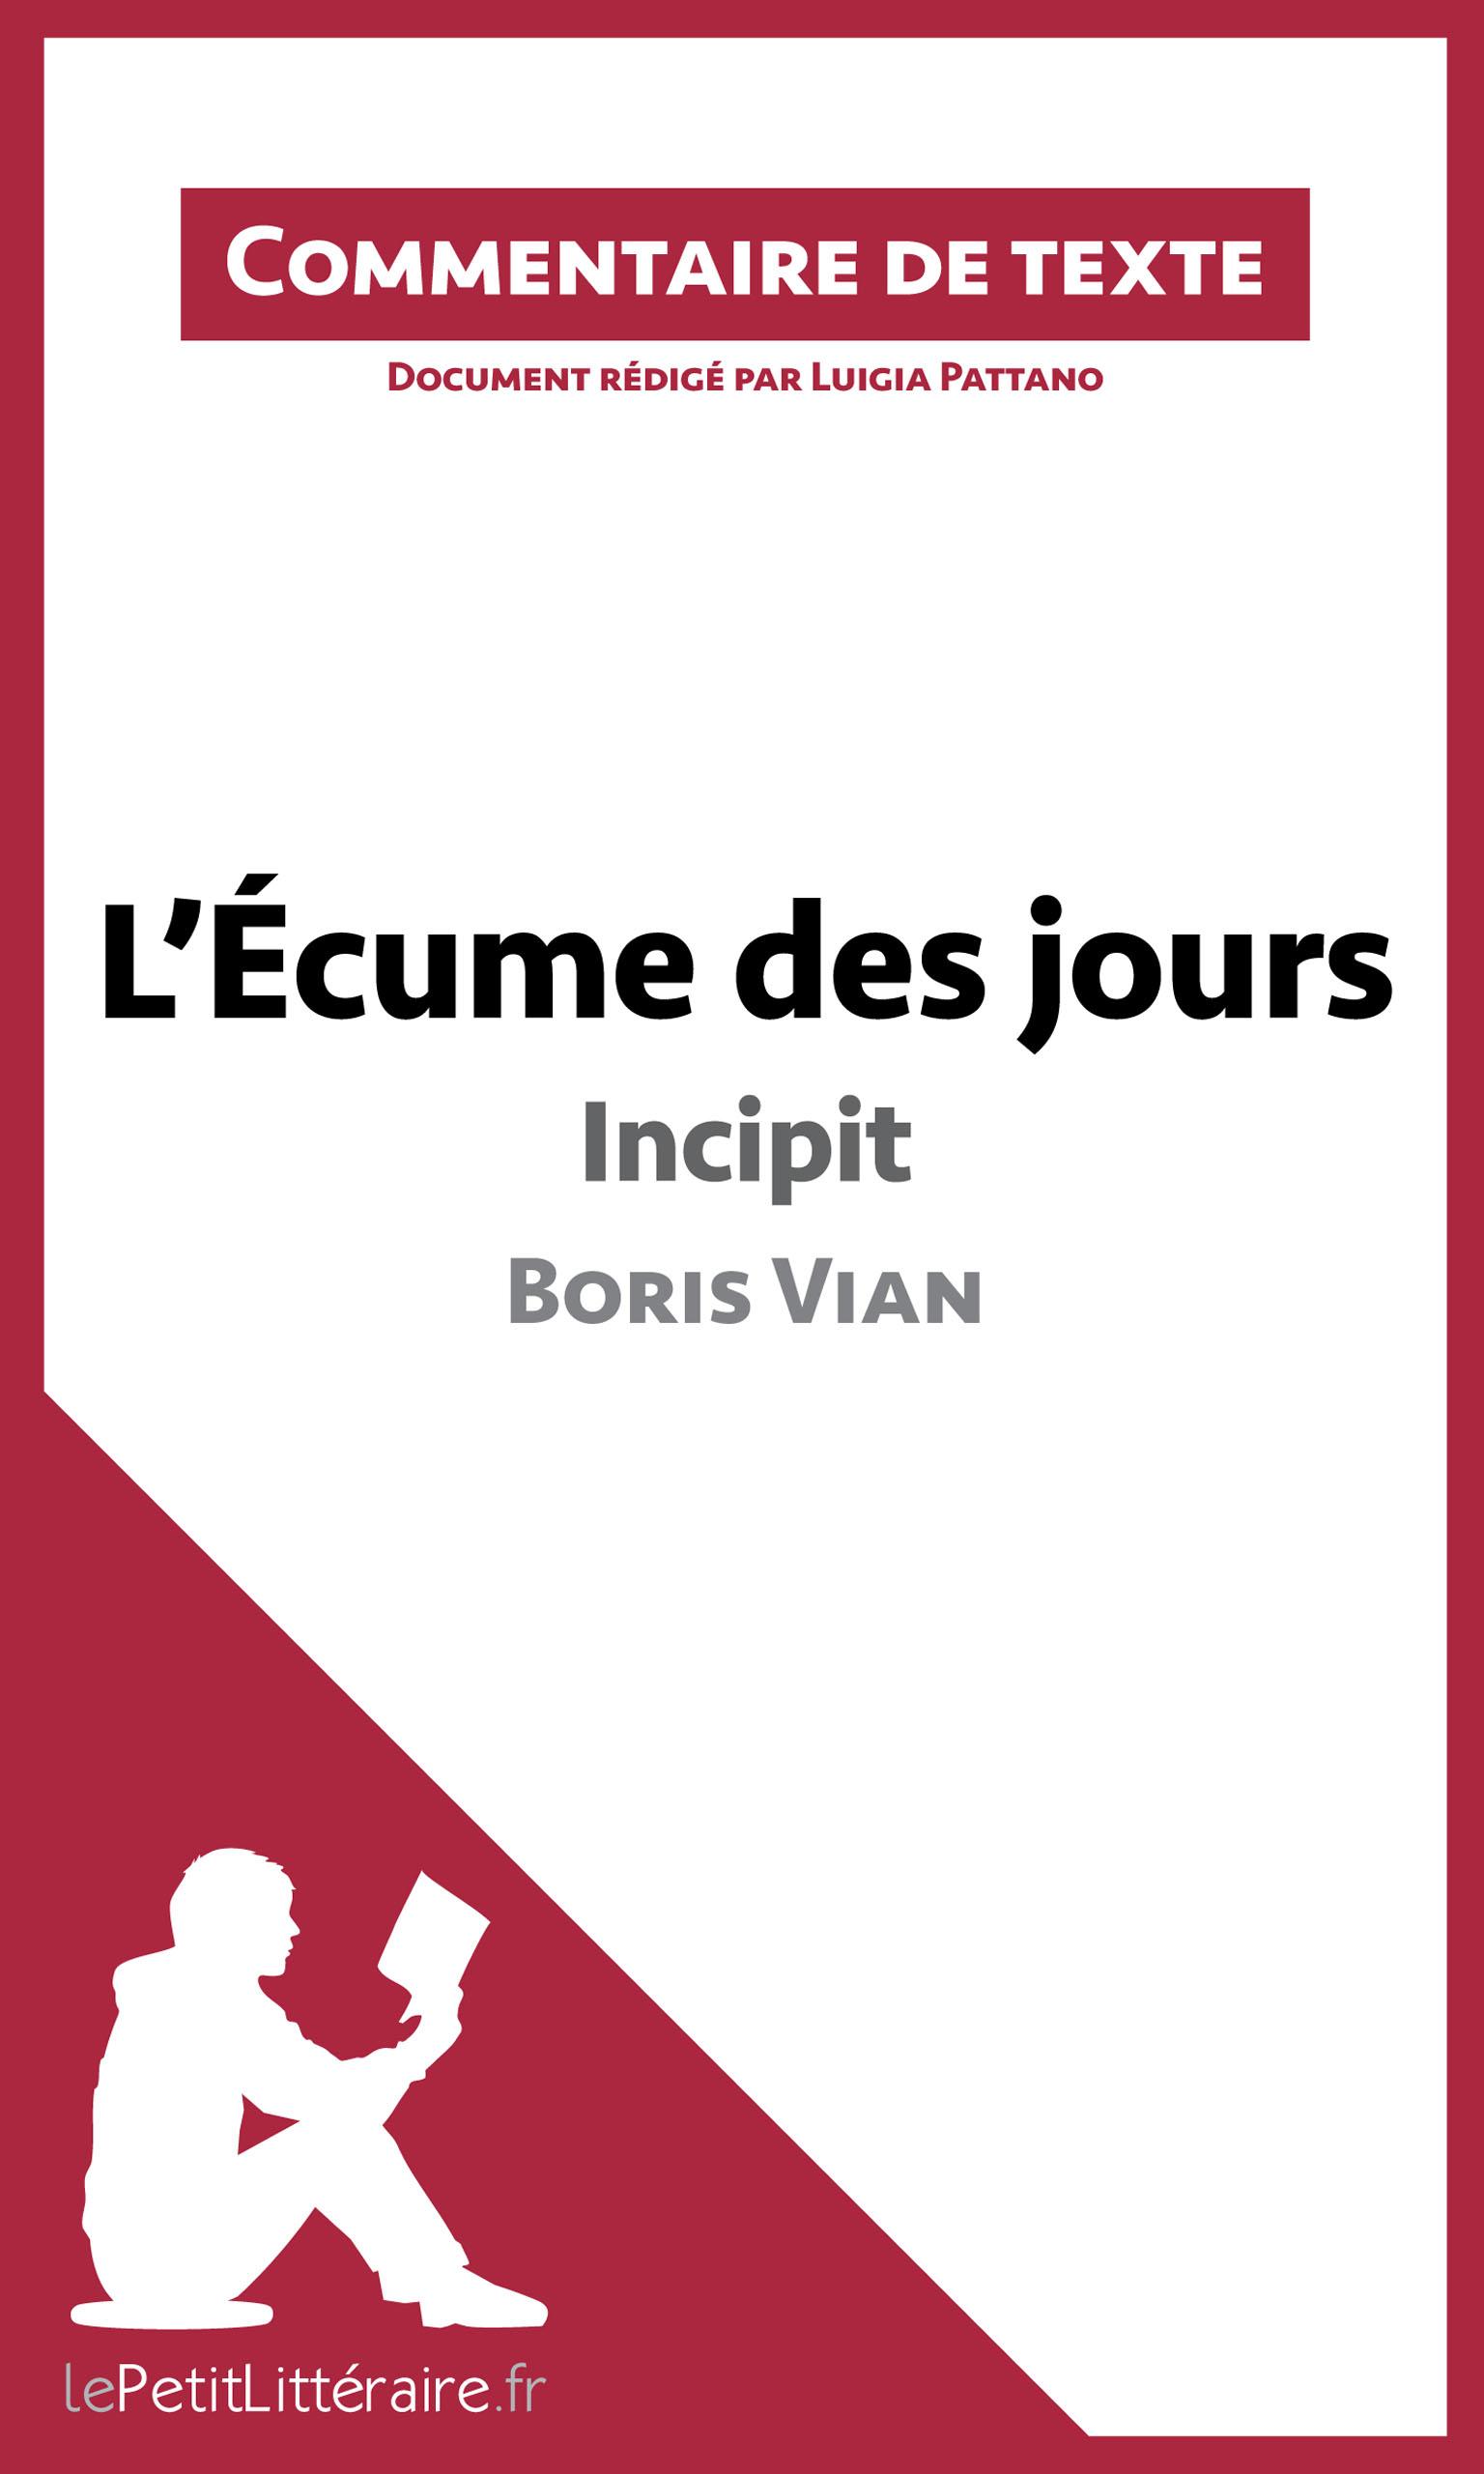 TÉLÉCHARGER GRATUITEMENT LE DÉSERTEUR DE BORIS VIAN